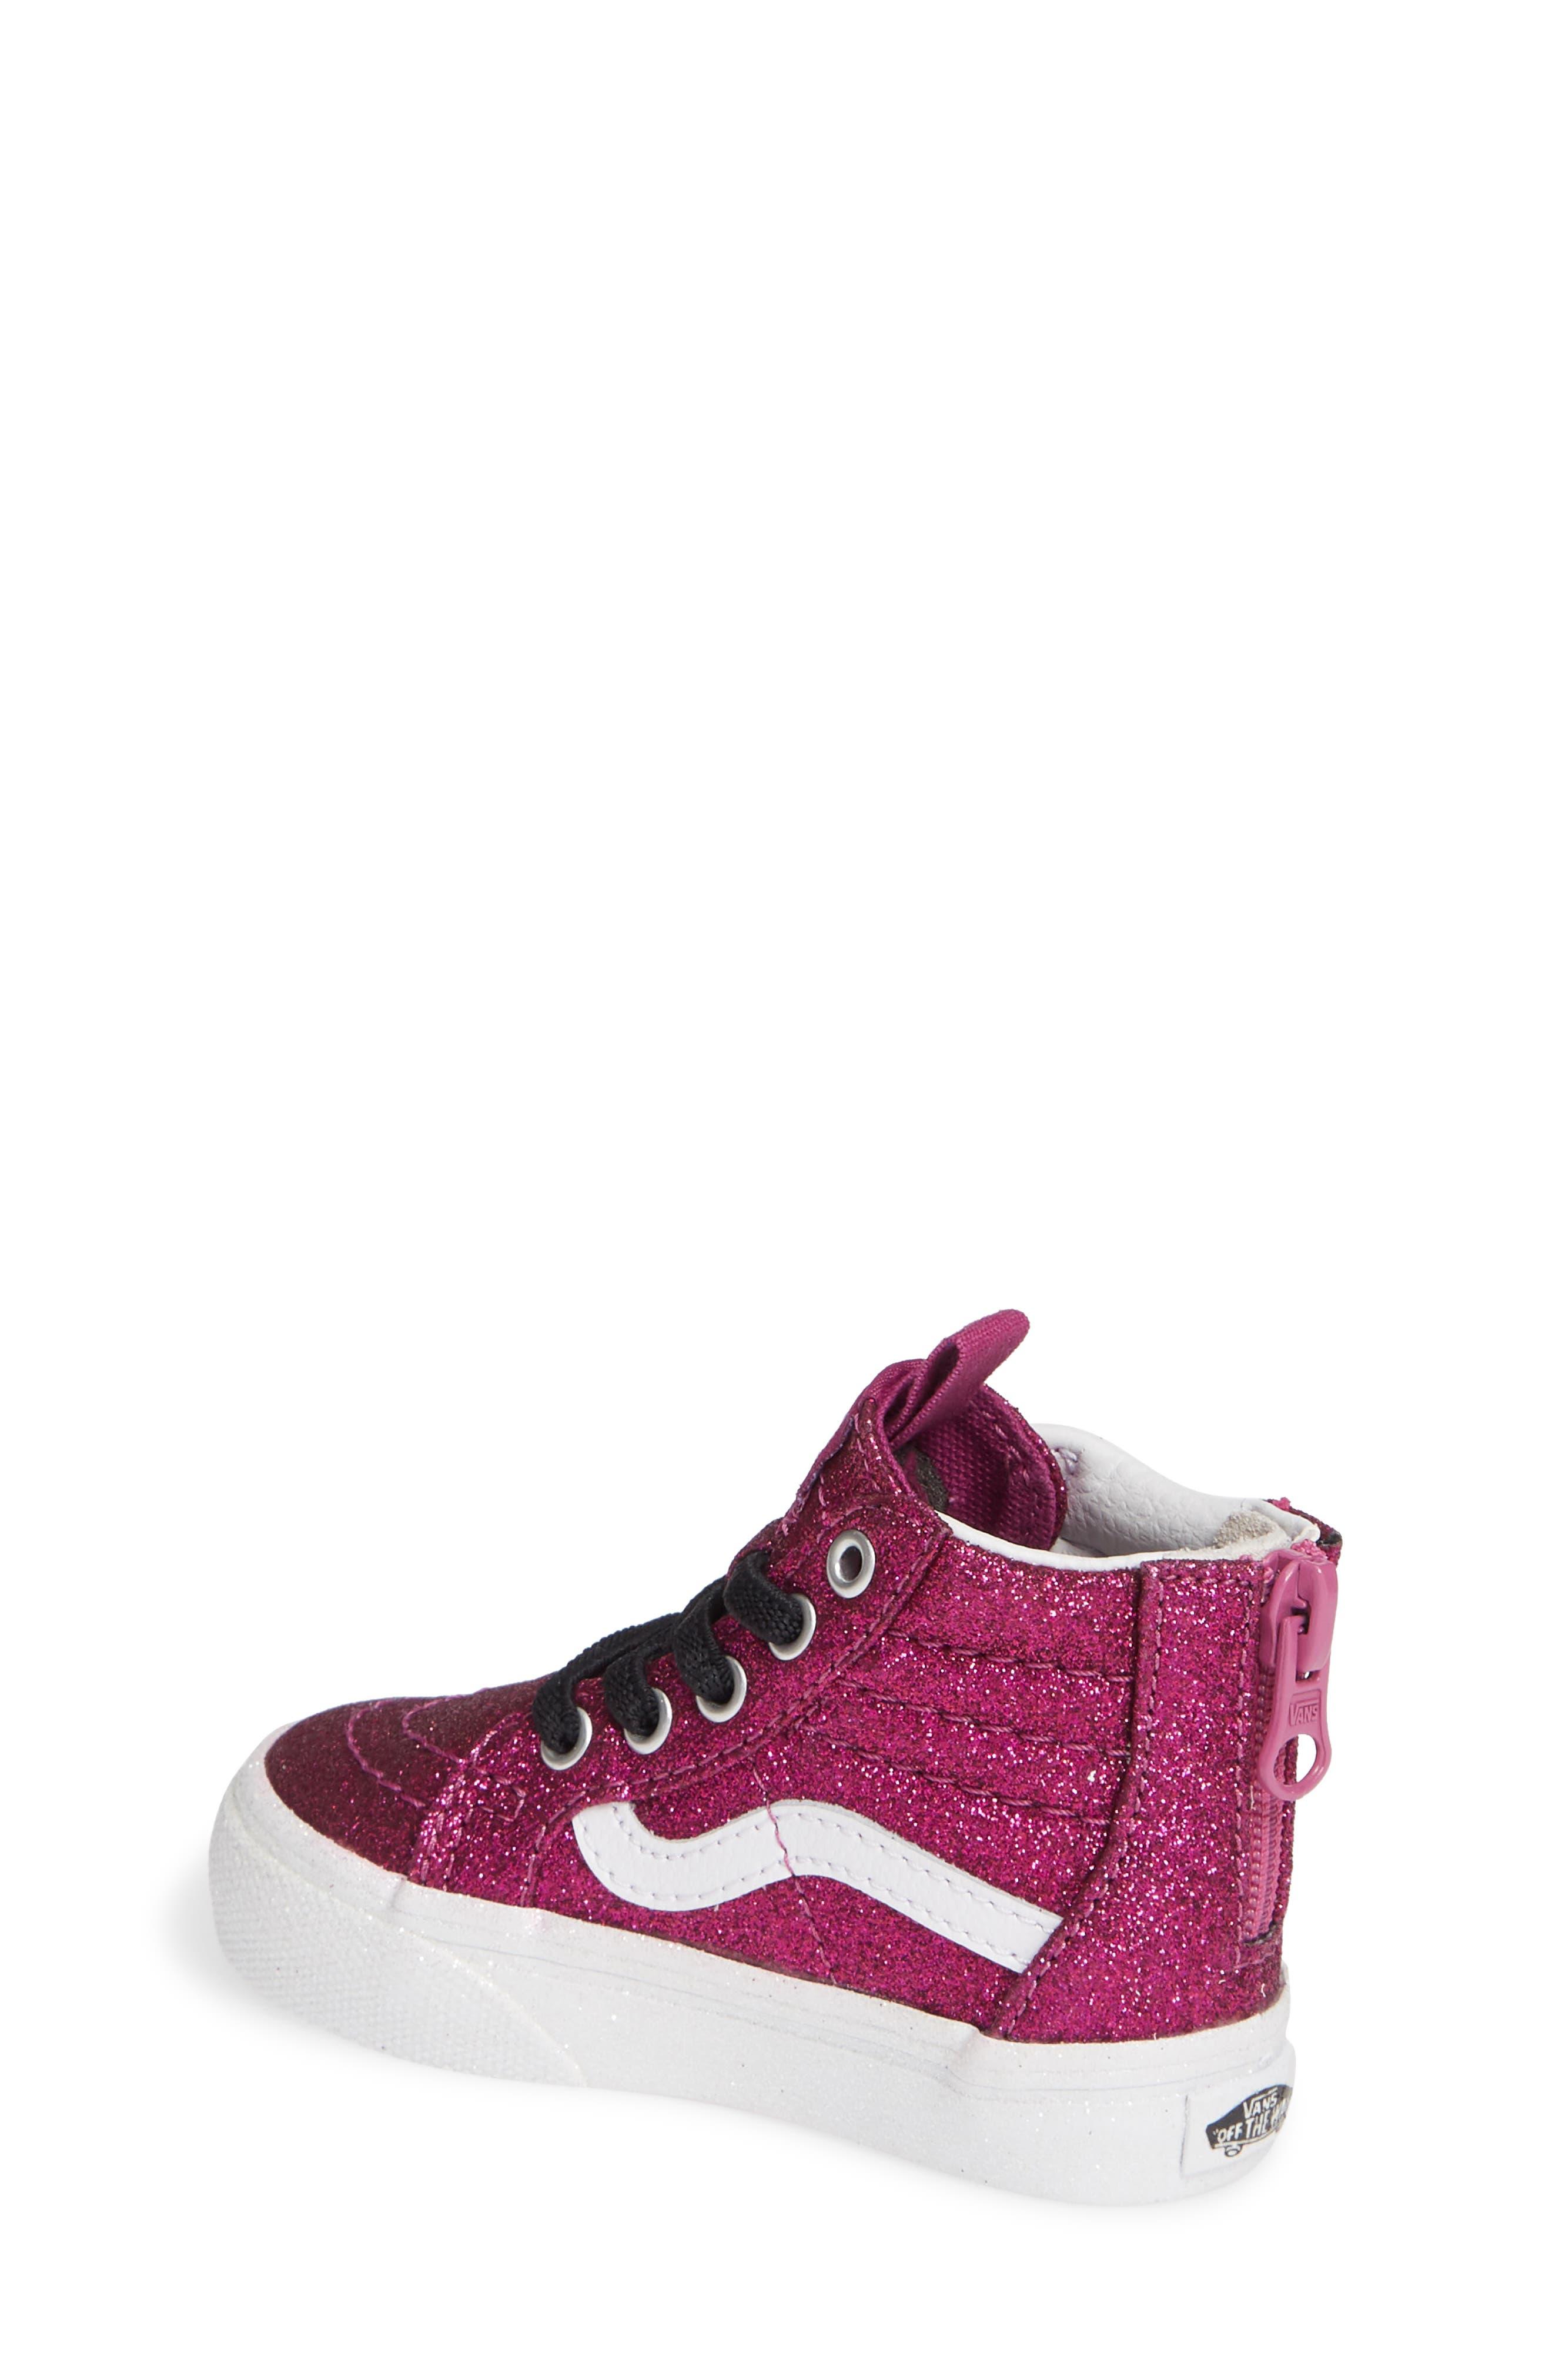 SK8-Hi Zip Sneaker,                             Alternate thumbnail 2, color,                             WILD ASTER/ TRUE WHITE